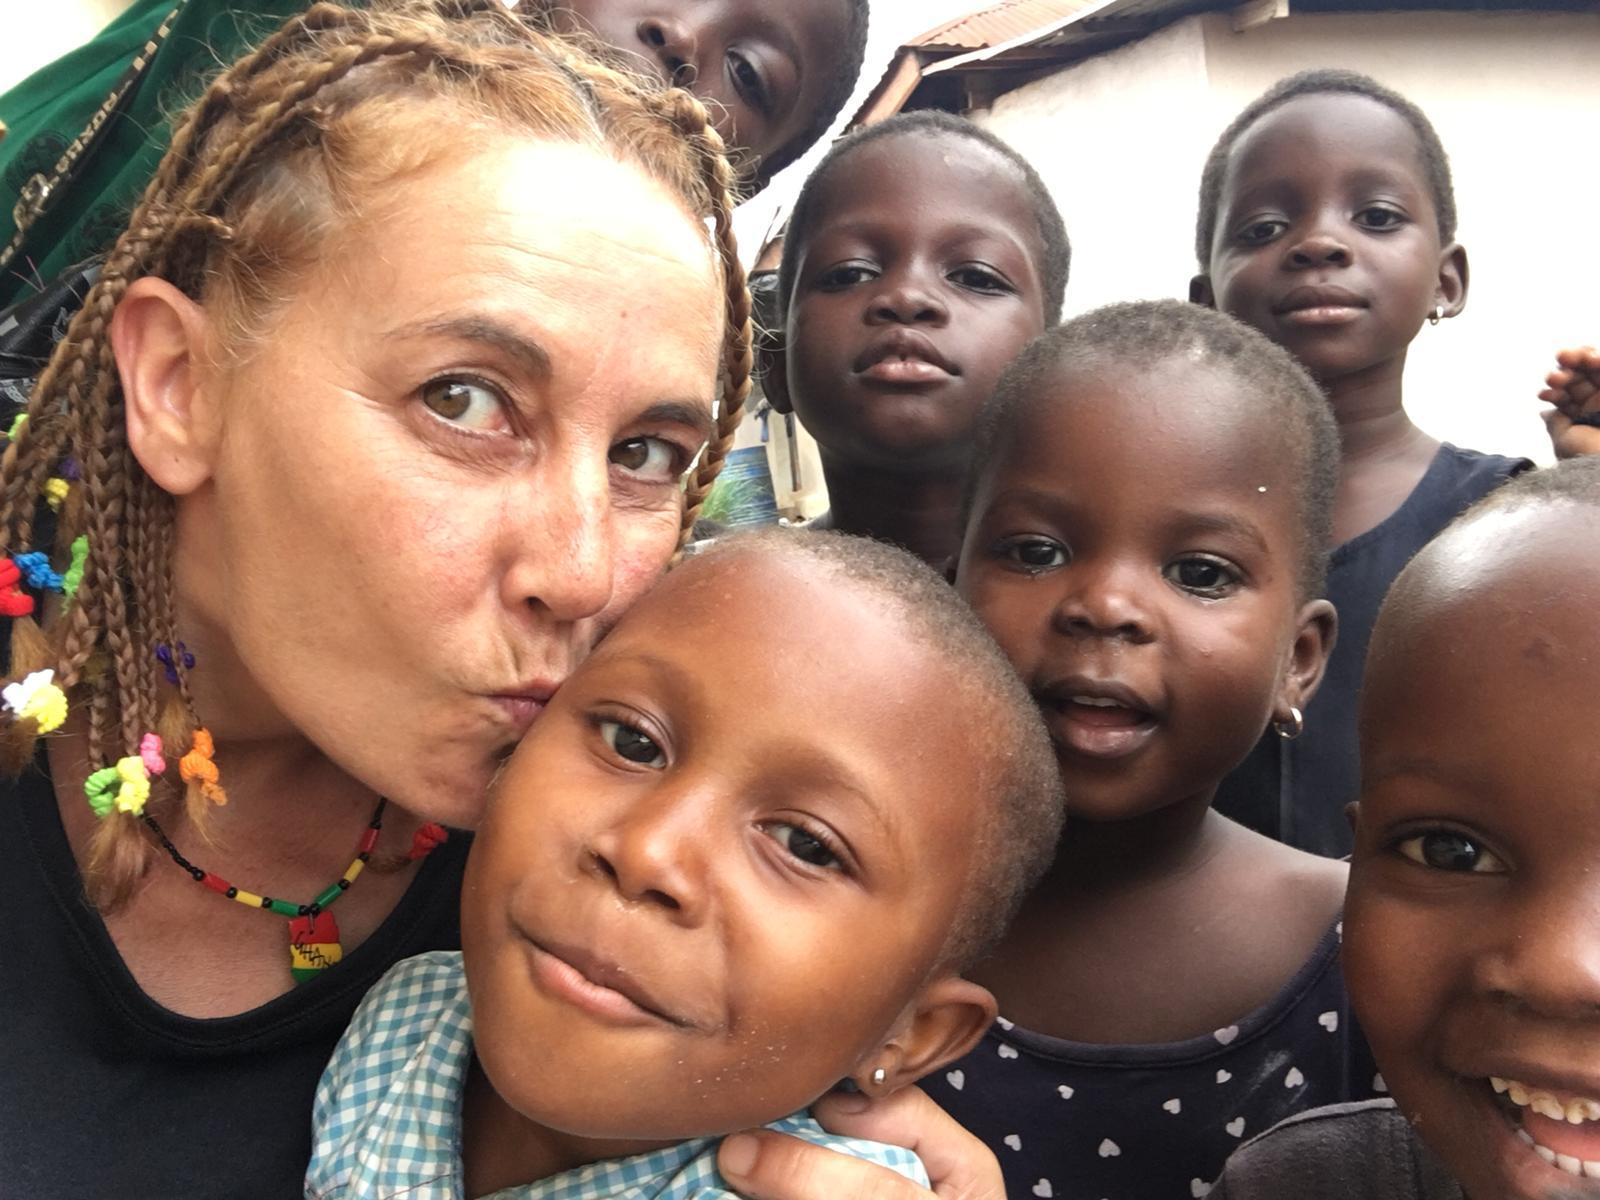 viaje solidario a Ghana ayuda en escuelas y orfanato.